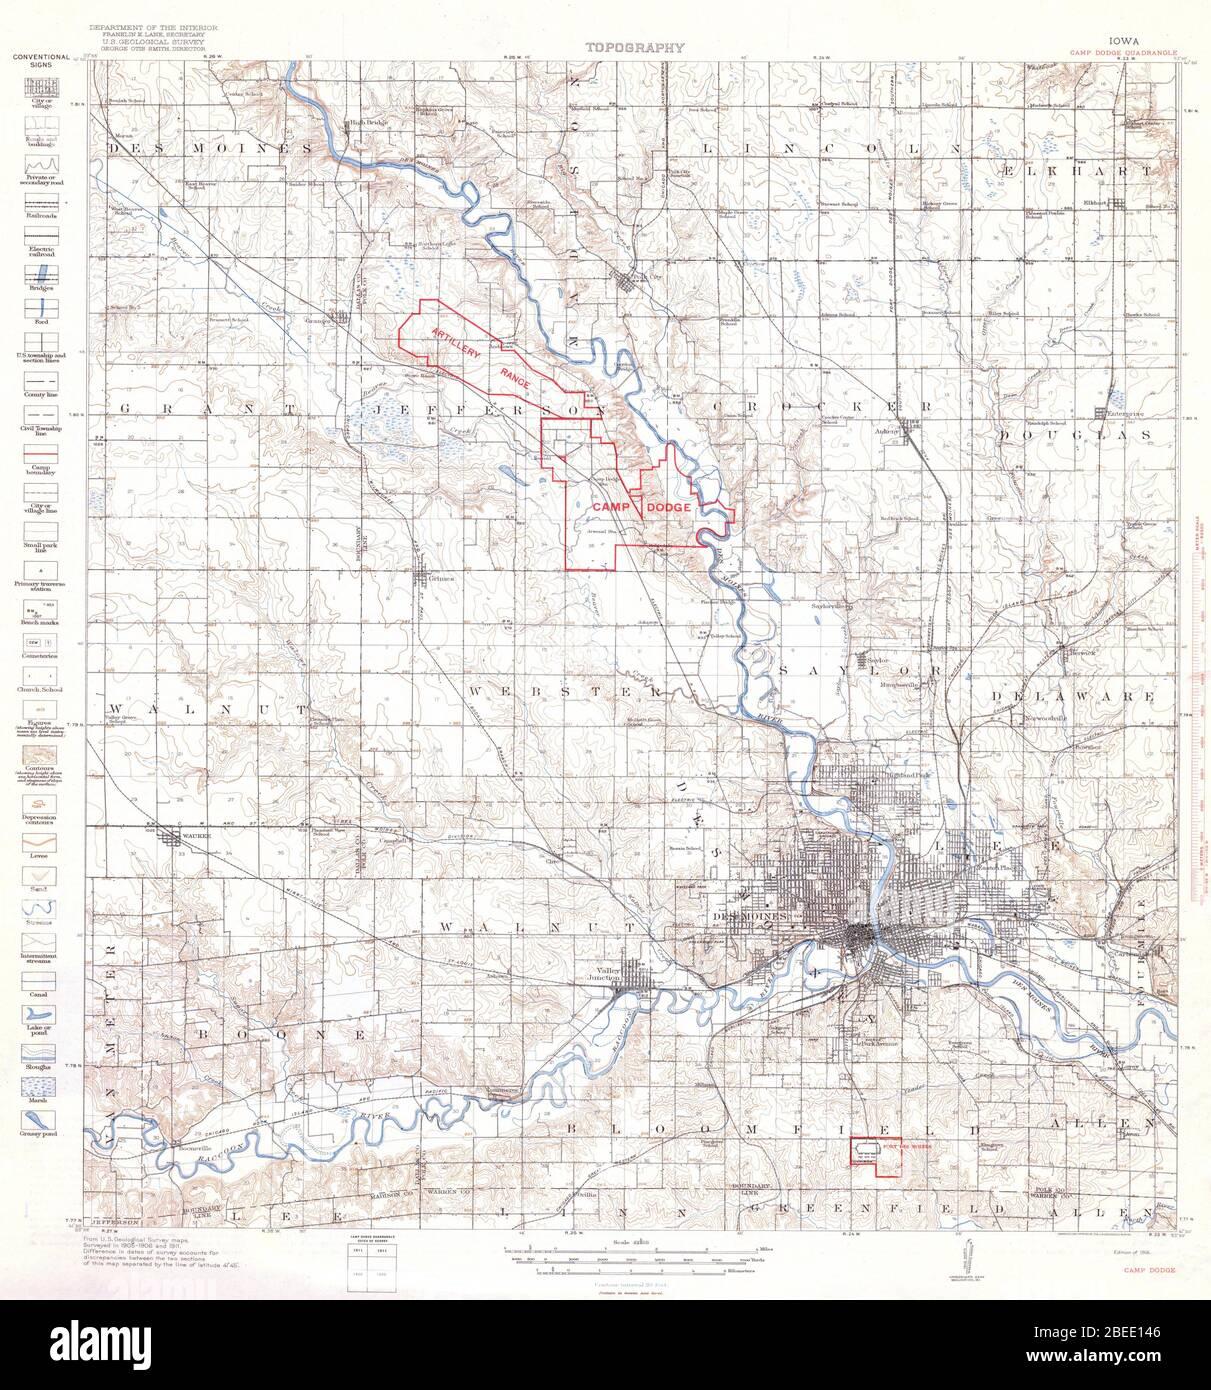 camp dodge iowa map English Camp Dodge Iowa Quadrangle Topographical Map 1918 camp dodge iowa map